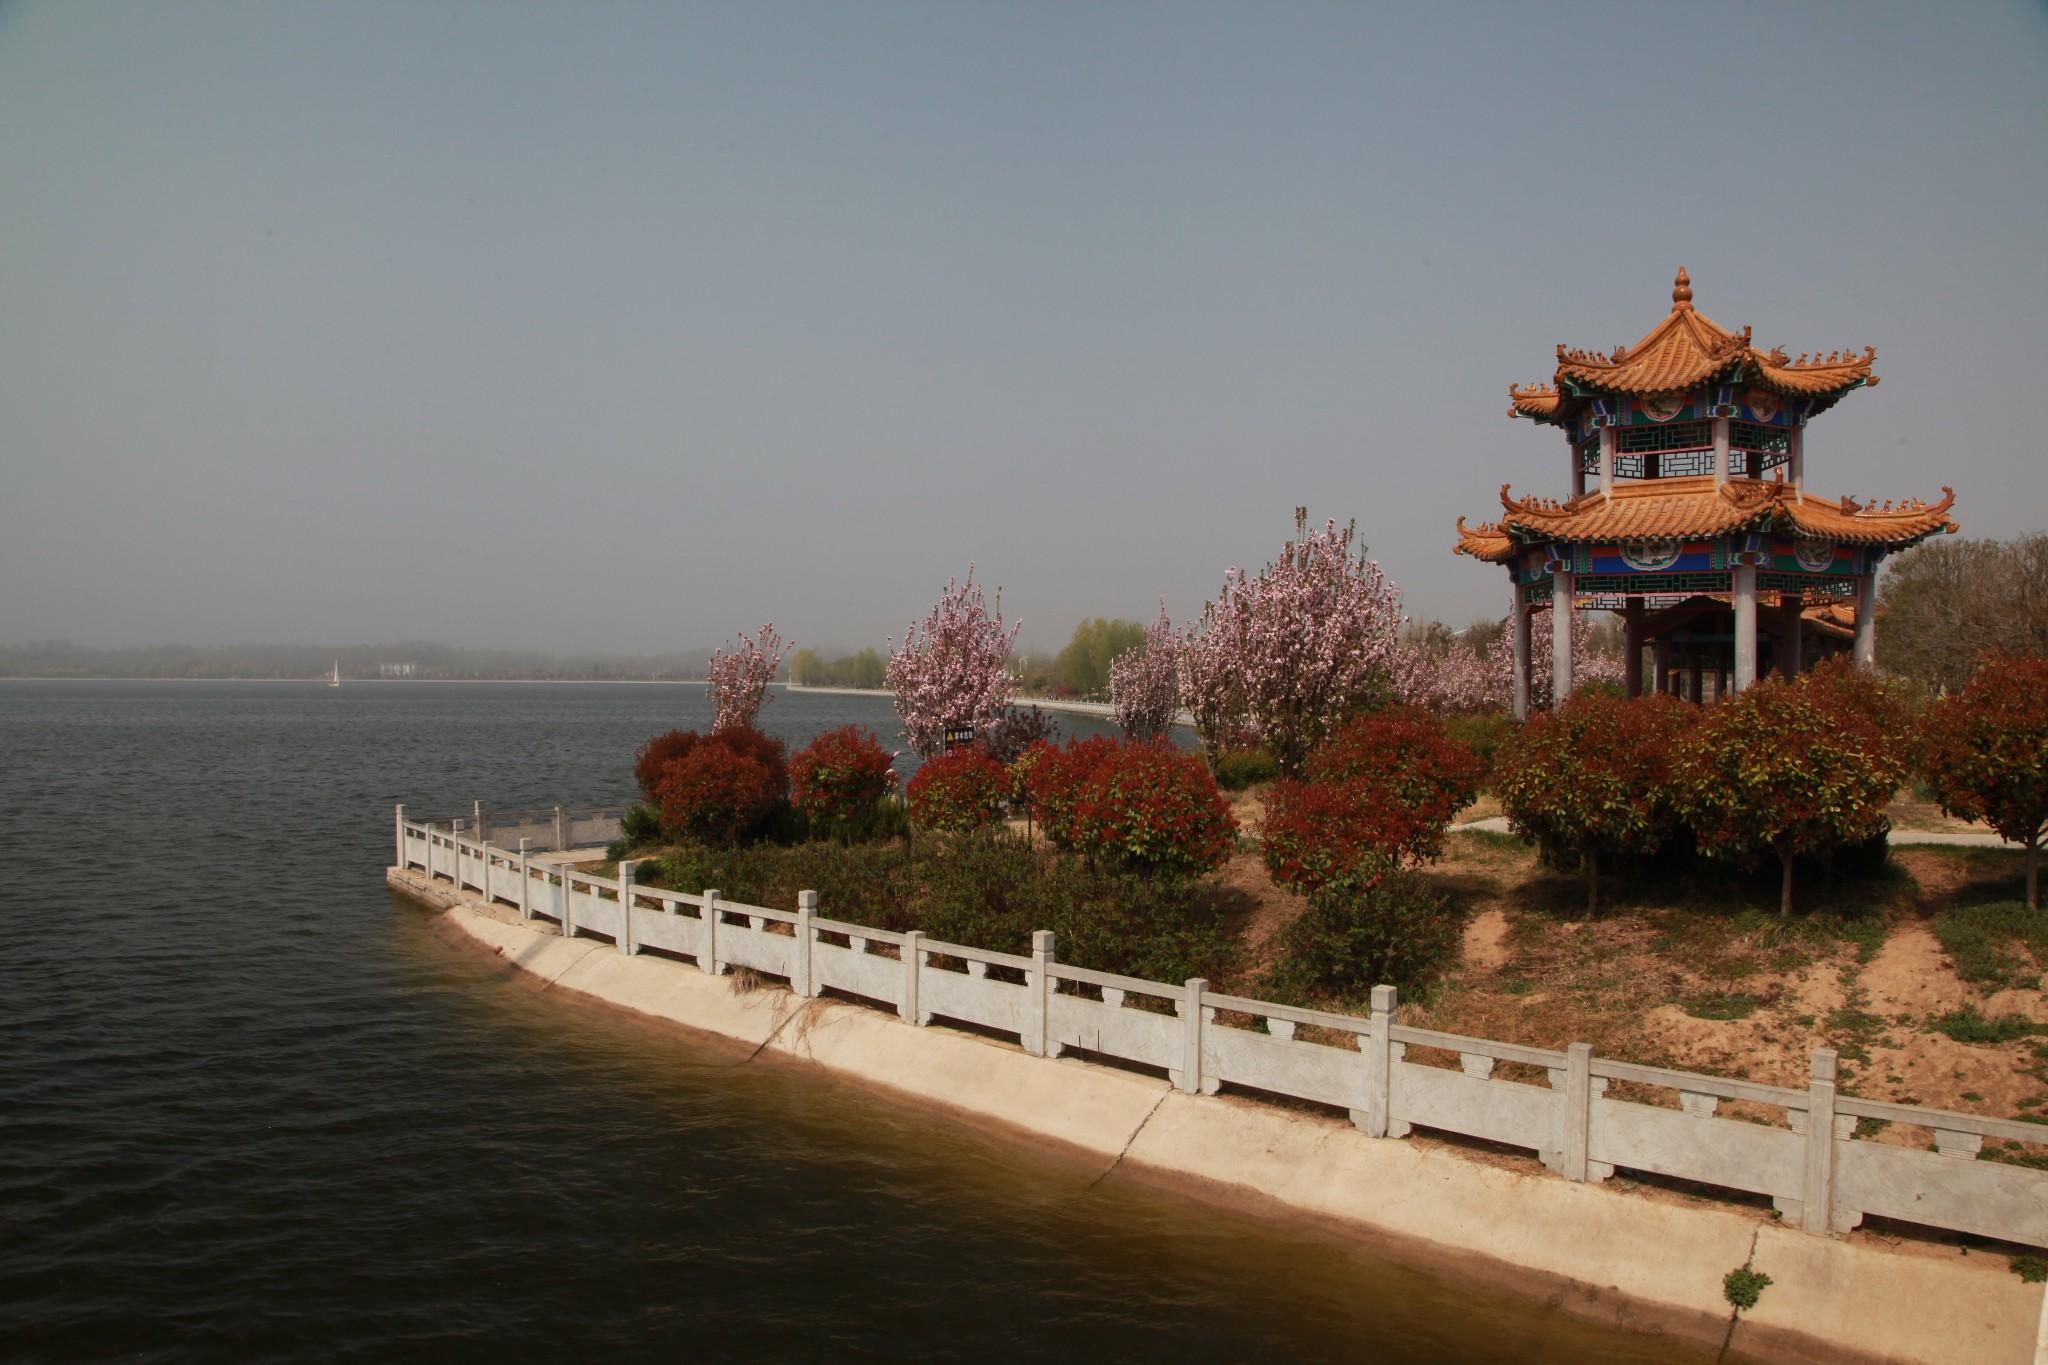 鄢陵   拟建的河南鄢陵鹤鸣湖国家湿地公园位于河南省许昌市的鄢陵县